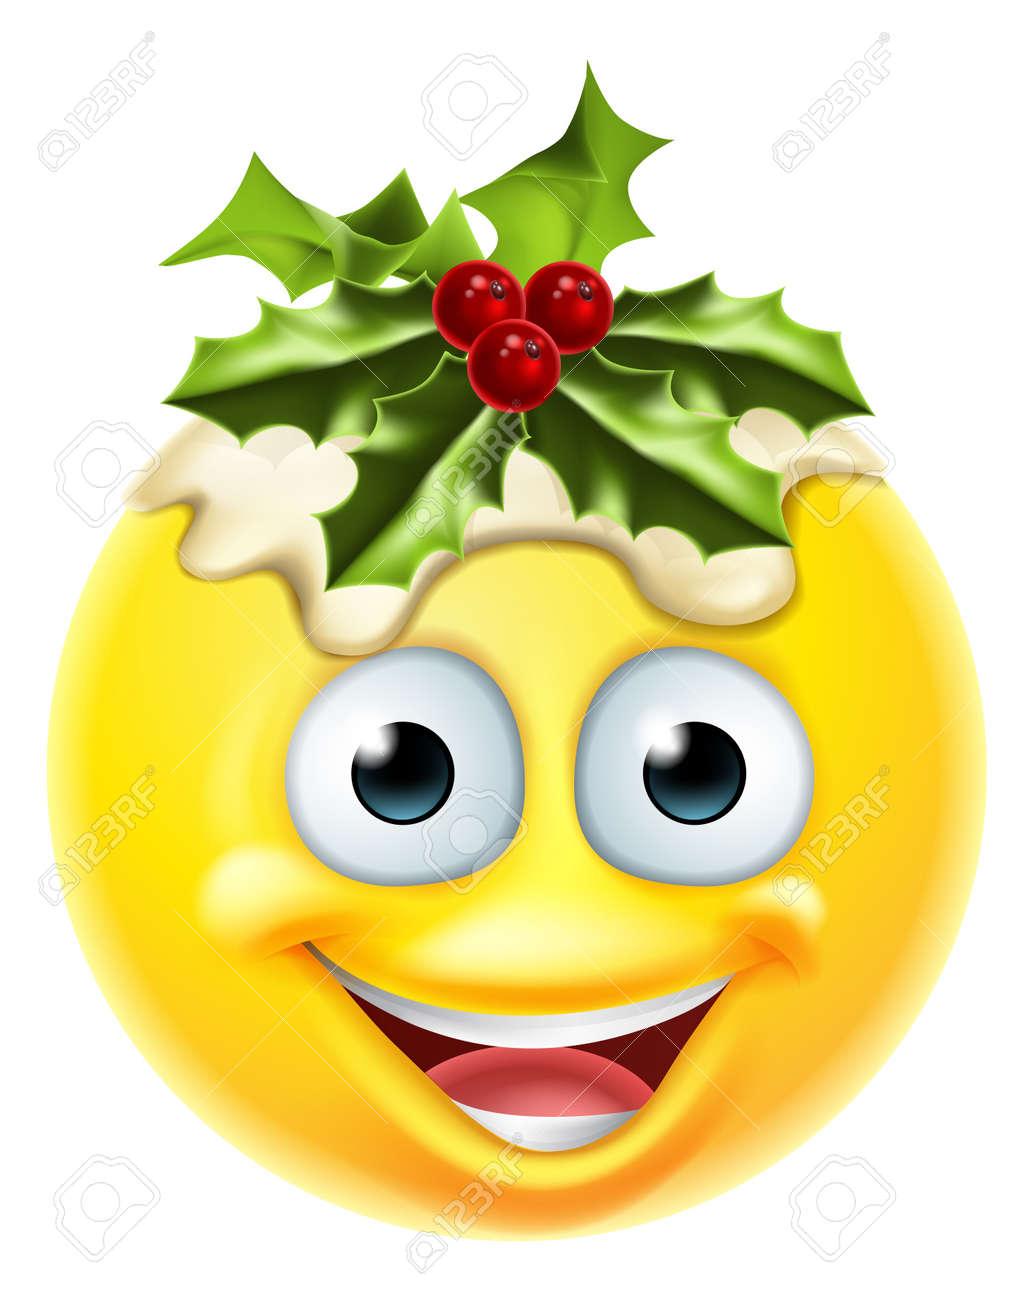 Un Pudding De Noel Festif Emoticone Caractere Emoji Clip Art Libres De Droits Vecteurs Et Illustration Image 46272367